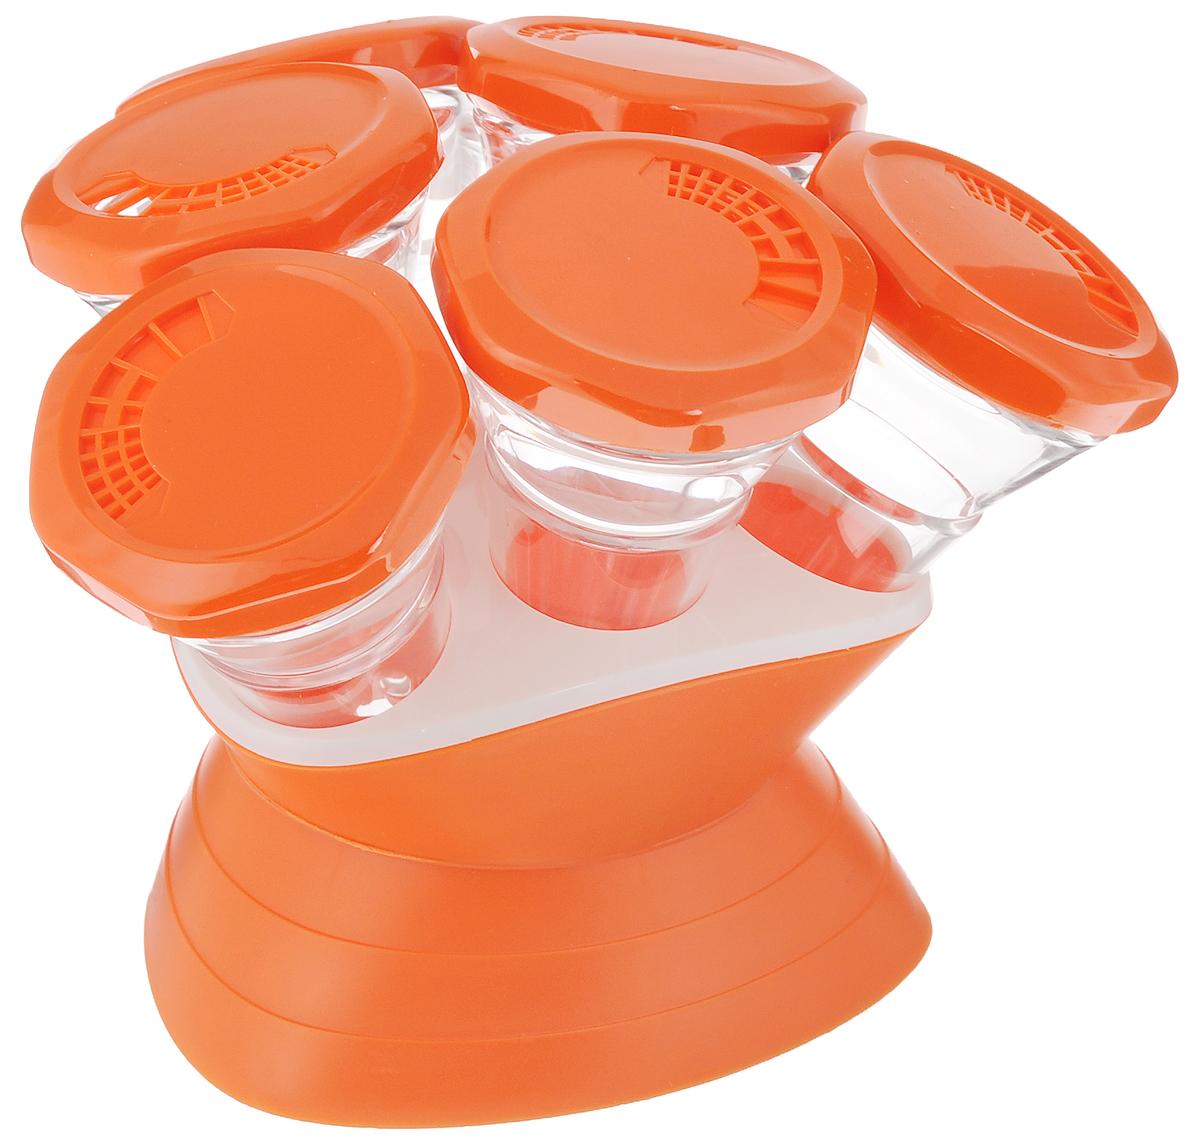 Набор для специй Mayer & Boch, 7 предметов. 2329623296Набор Mayer & Boch состоит из 6 банок для специй и подставки. Баночки изготовлены из акрила. Крышки, выполненные из пластика оранжевого цвета, плотно закрываются и предотвращают высыпание специй. Имеются регулируемые отверстия, с помощью которых можно обильно или слегка приправить блюдо. Баночки идеально подойдут для соли, перца и других специй. Изделия размещаются на специальной подставке.Оригинальный набор эффектно украсит интерьер кухни, а также станет незаменимым помощником в приготовлении ваших любимых блюд. С таким набором специи надолго сохранят свежесть, аромат и пряный вкус.Объем баночек: 70 мл.Высота баночек: 12 см.Диаметр баночек: 6,5 см.Размер подставки: 13,5 х 13,5 х 9 см.